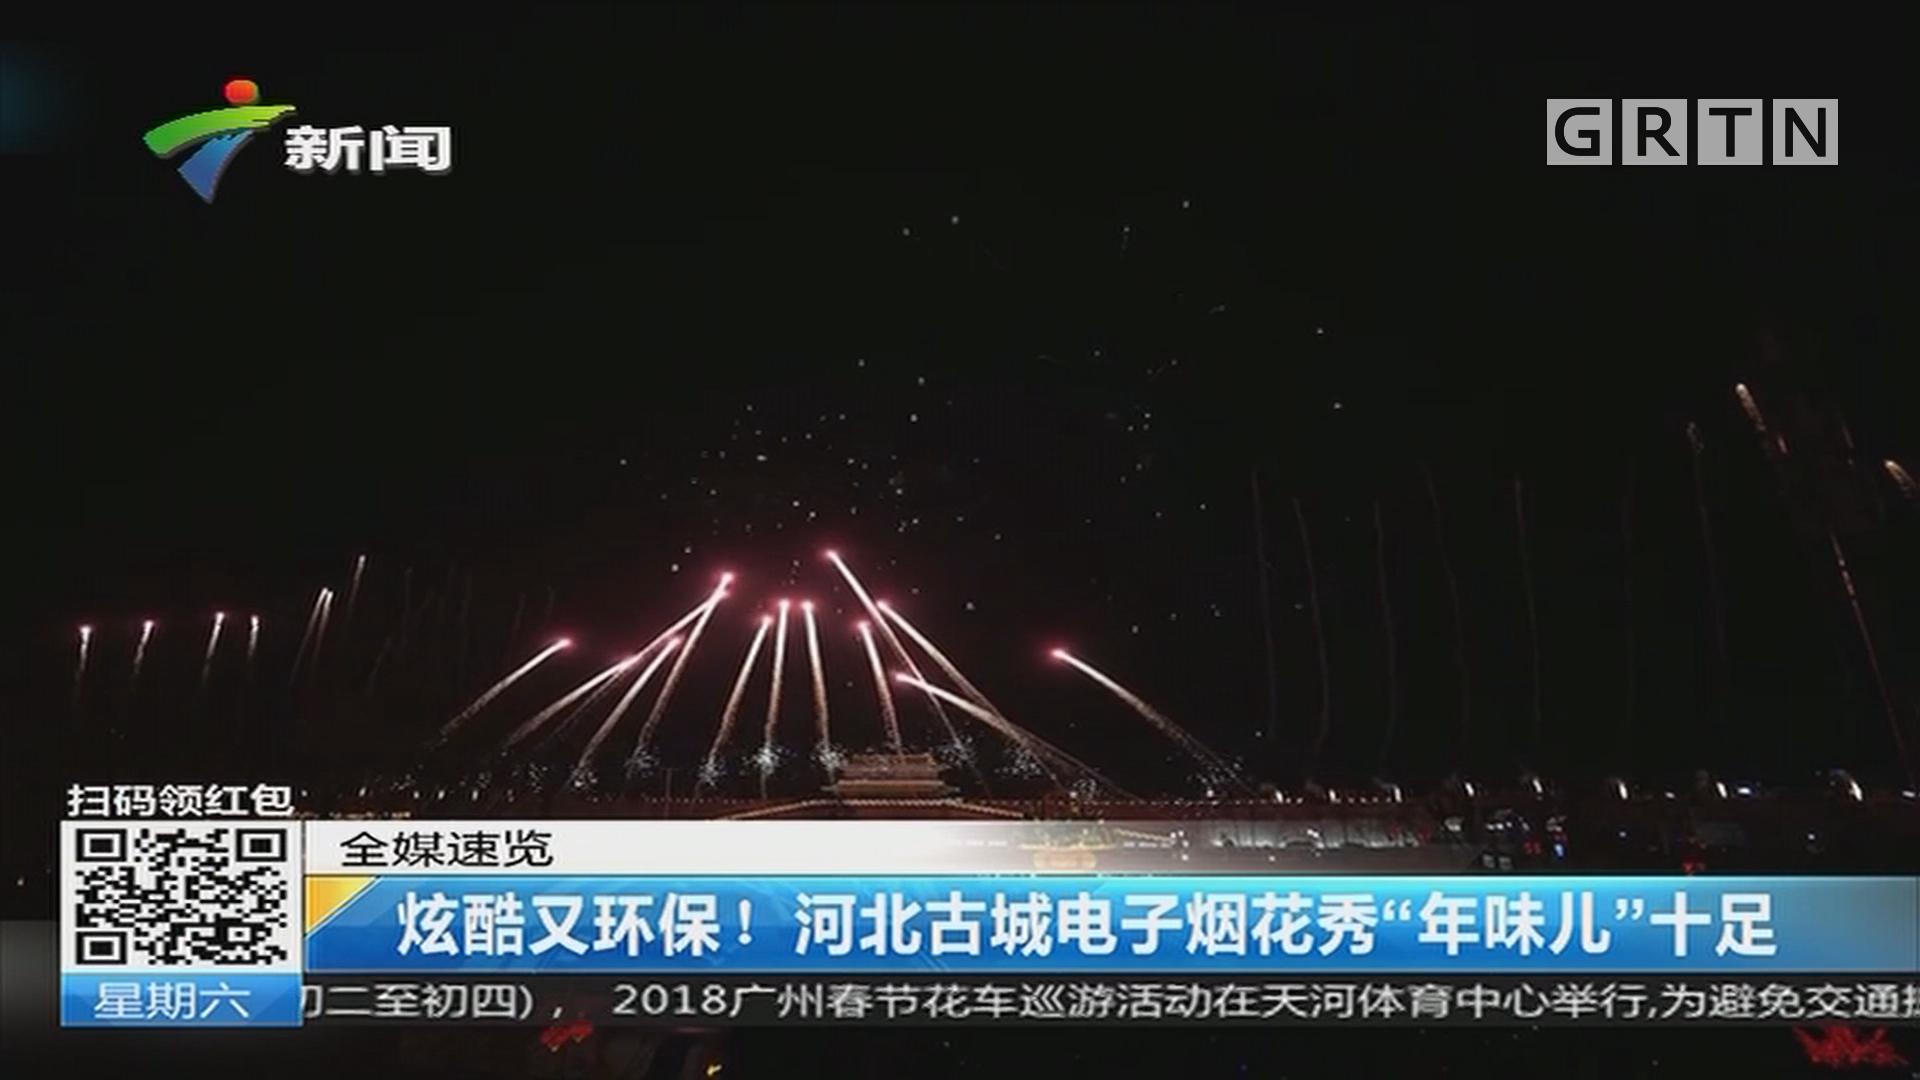 """炫酷又环保!河北古城电子烟花秀""""年味儿""""十足"""